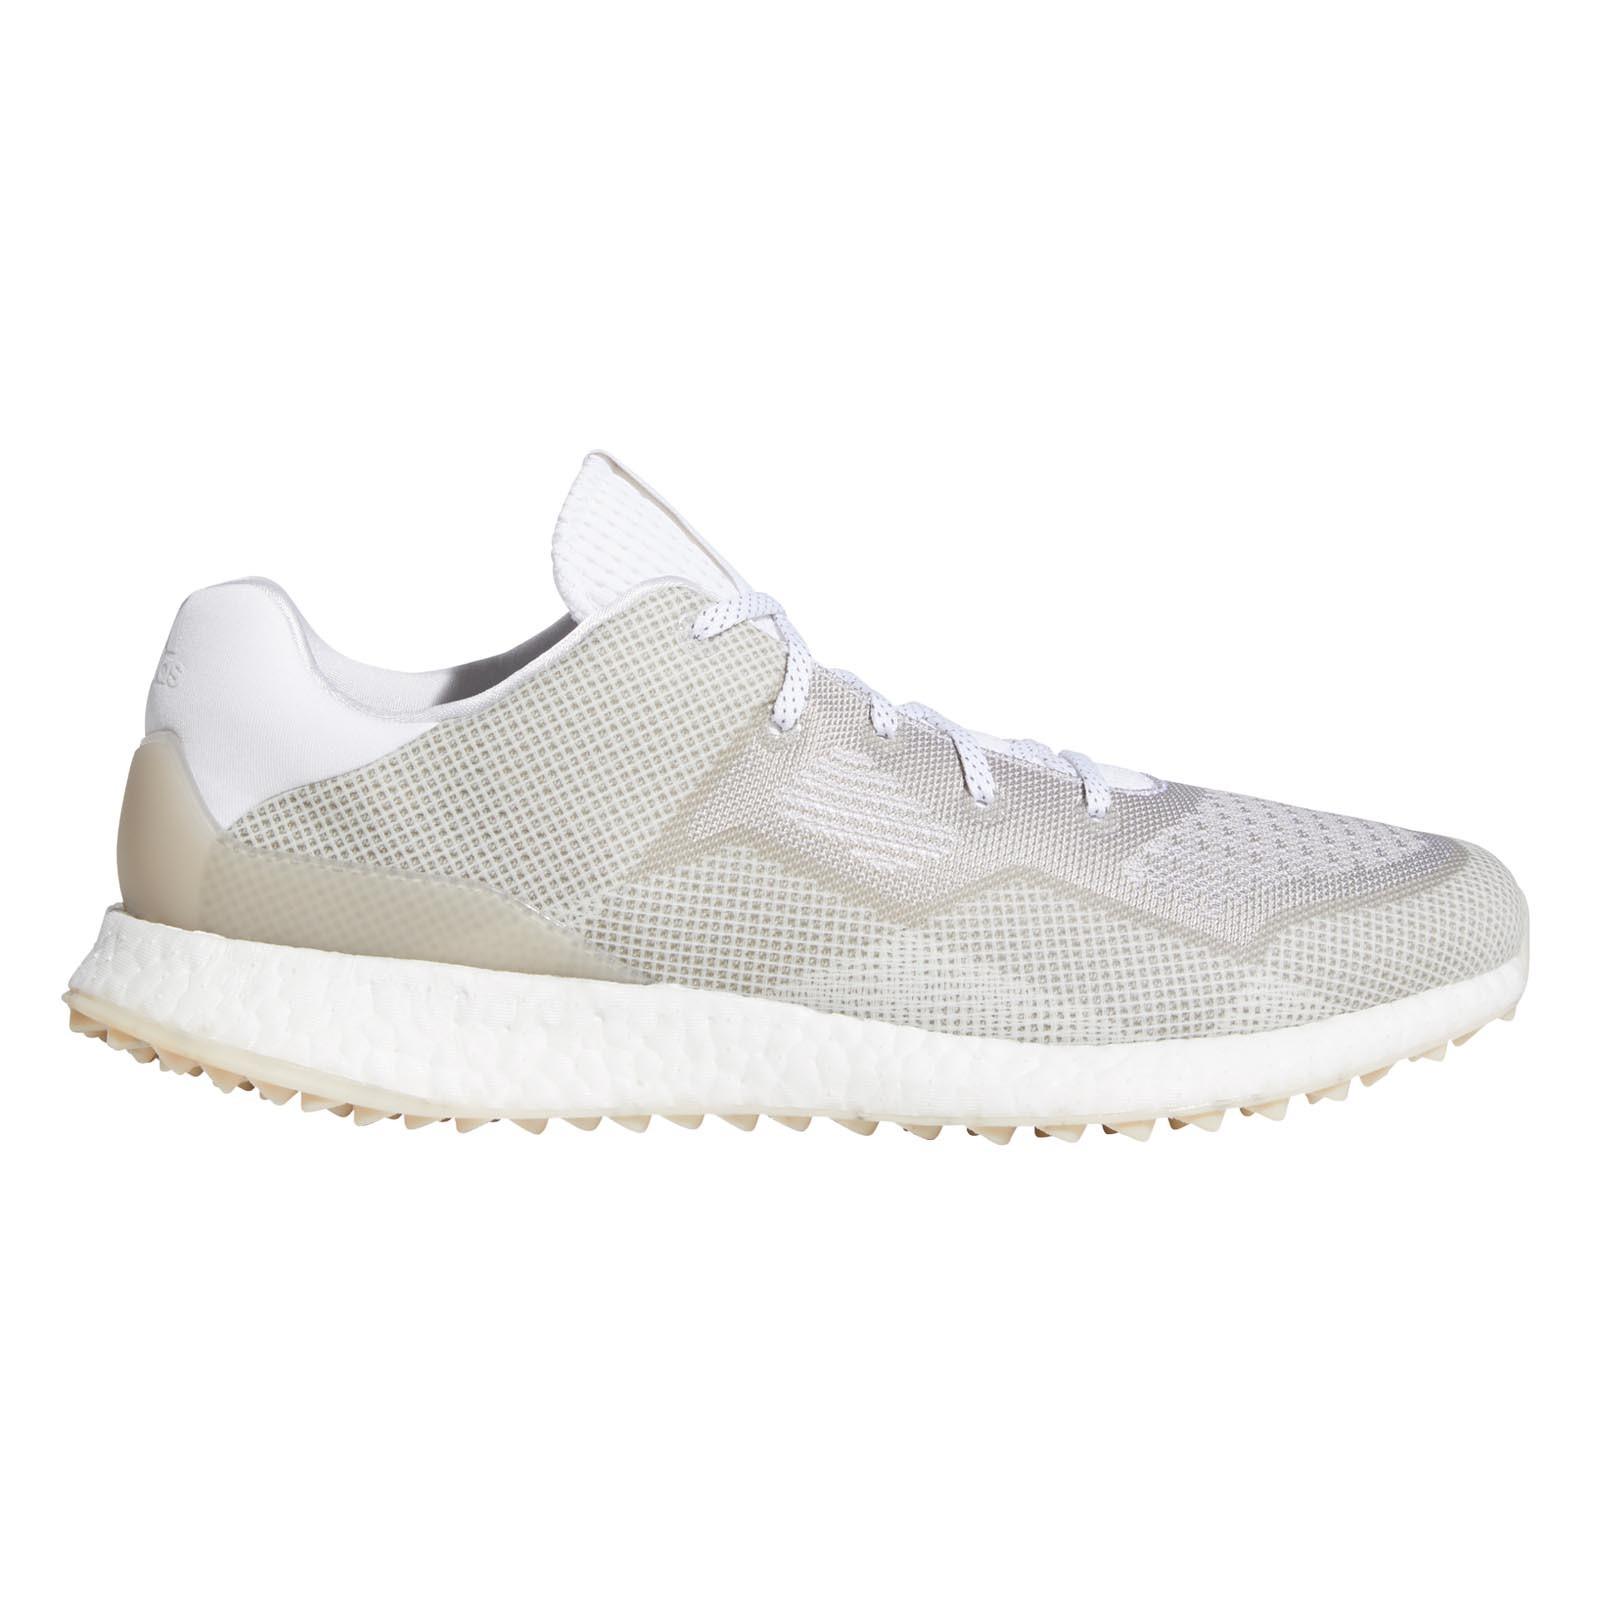 adidas Crossknit DPR Spikeless Golf Shoes